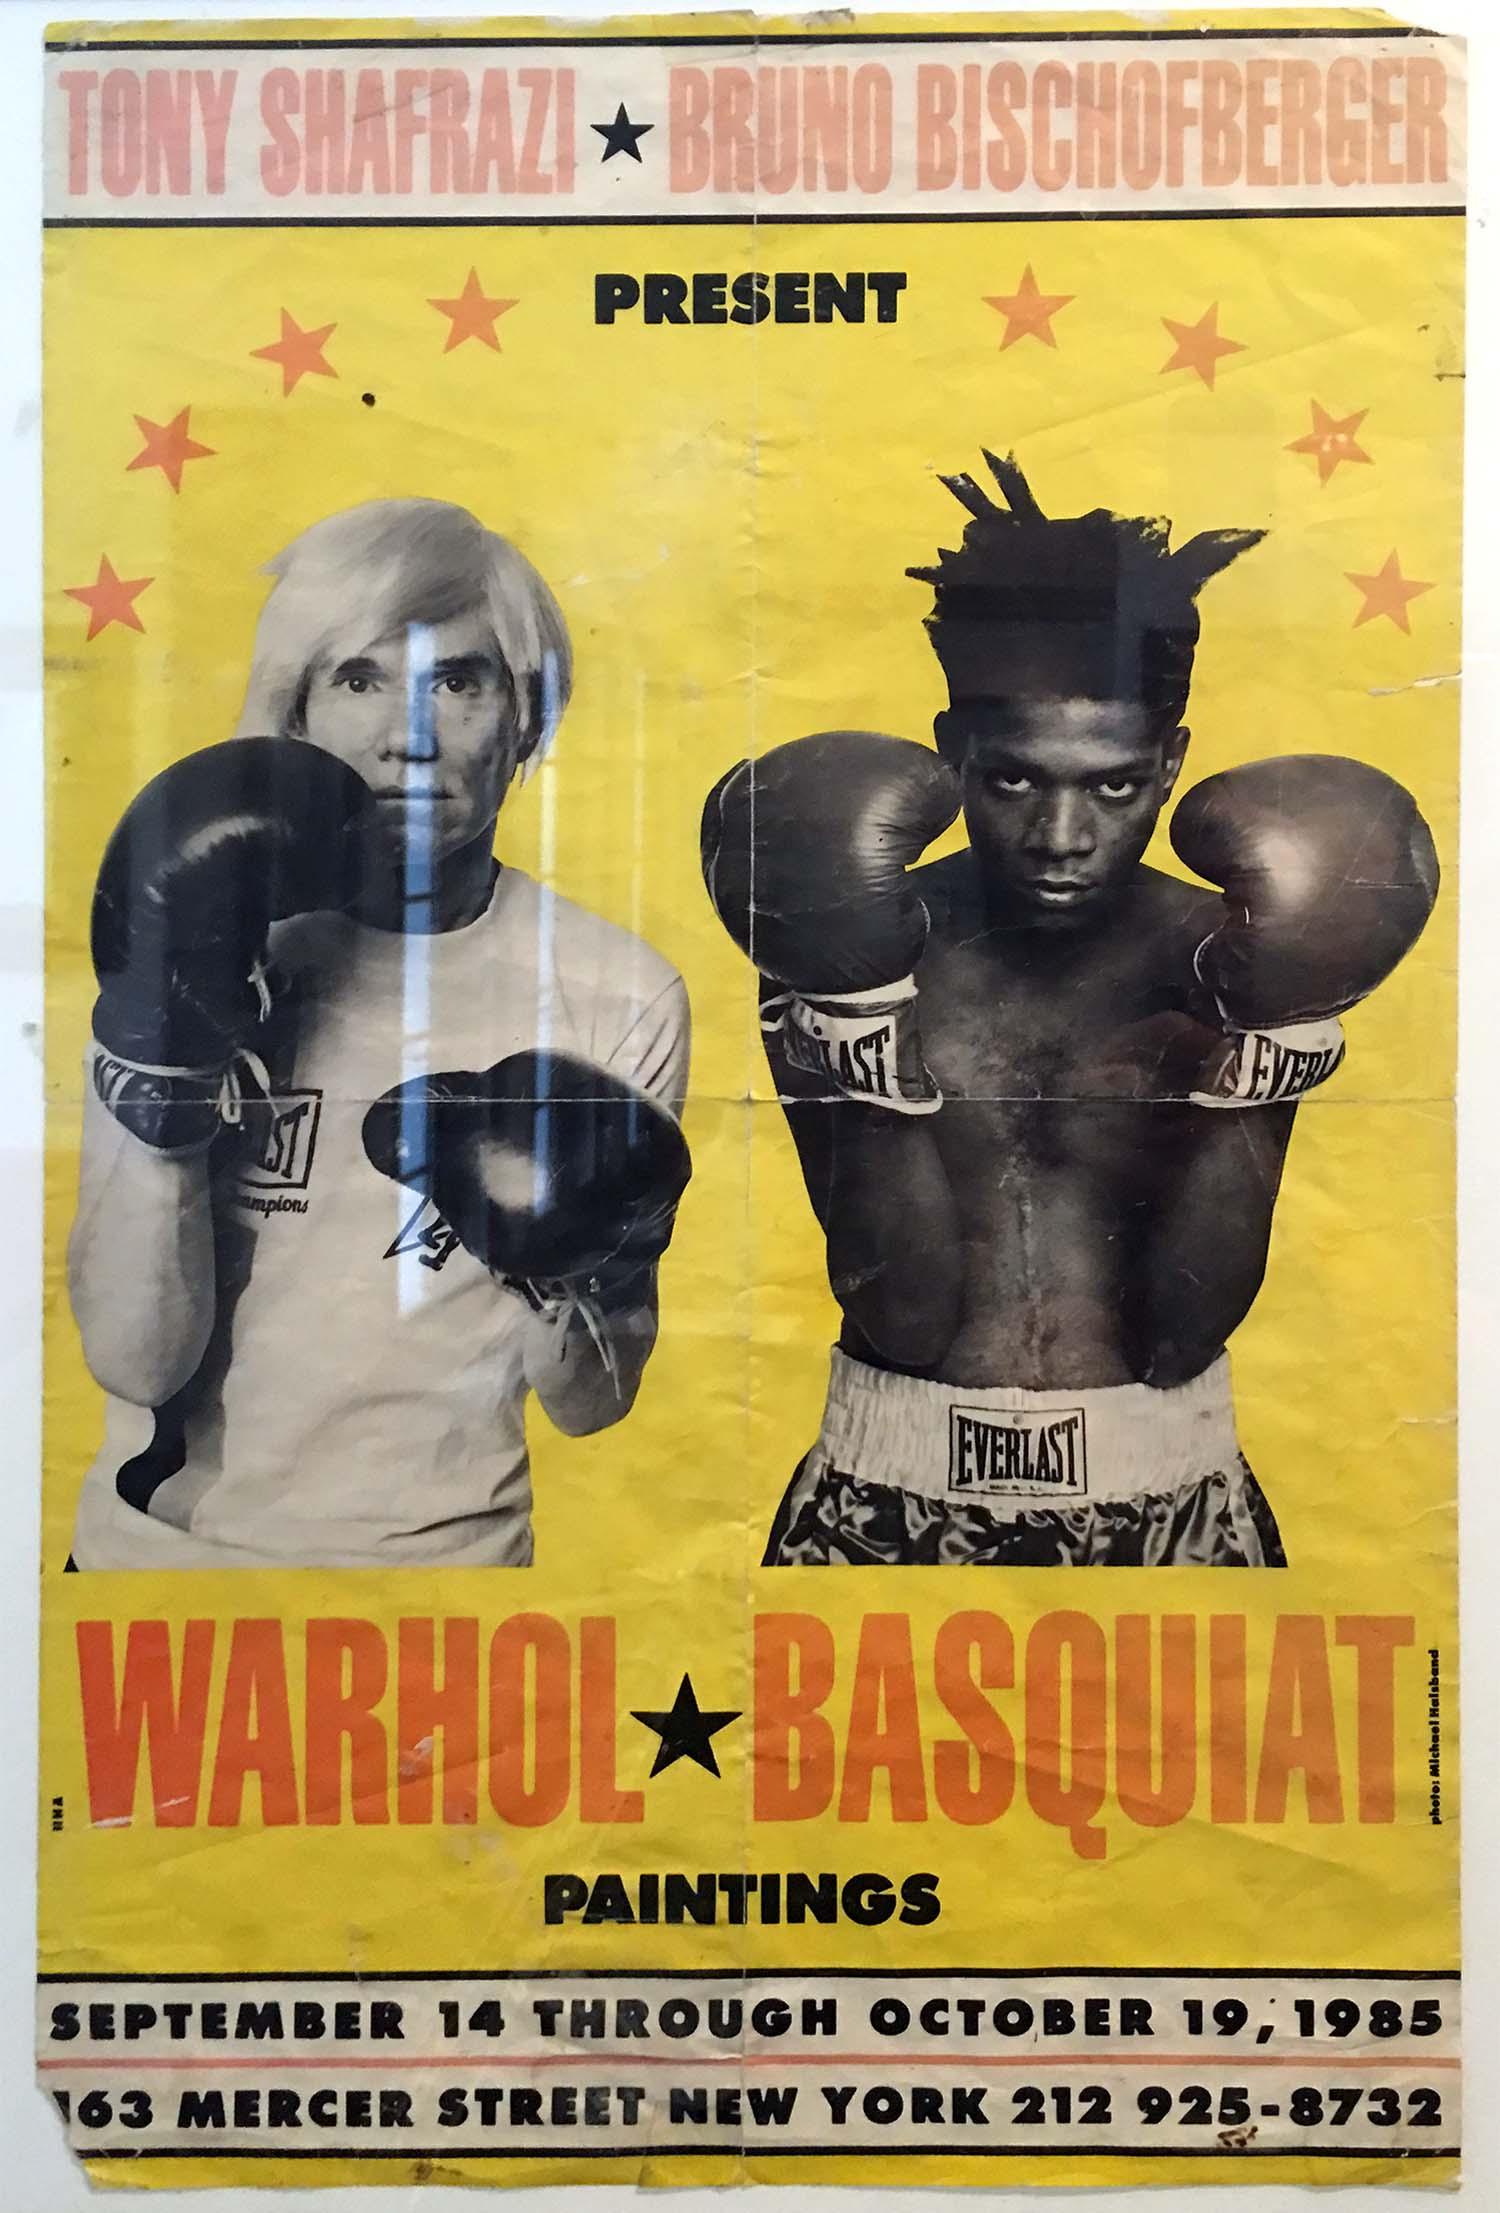 WarholBasquiat.jpg